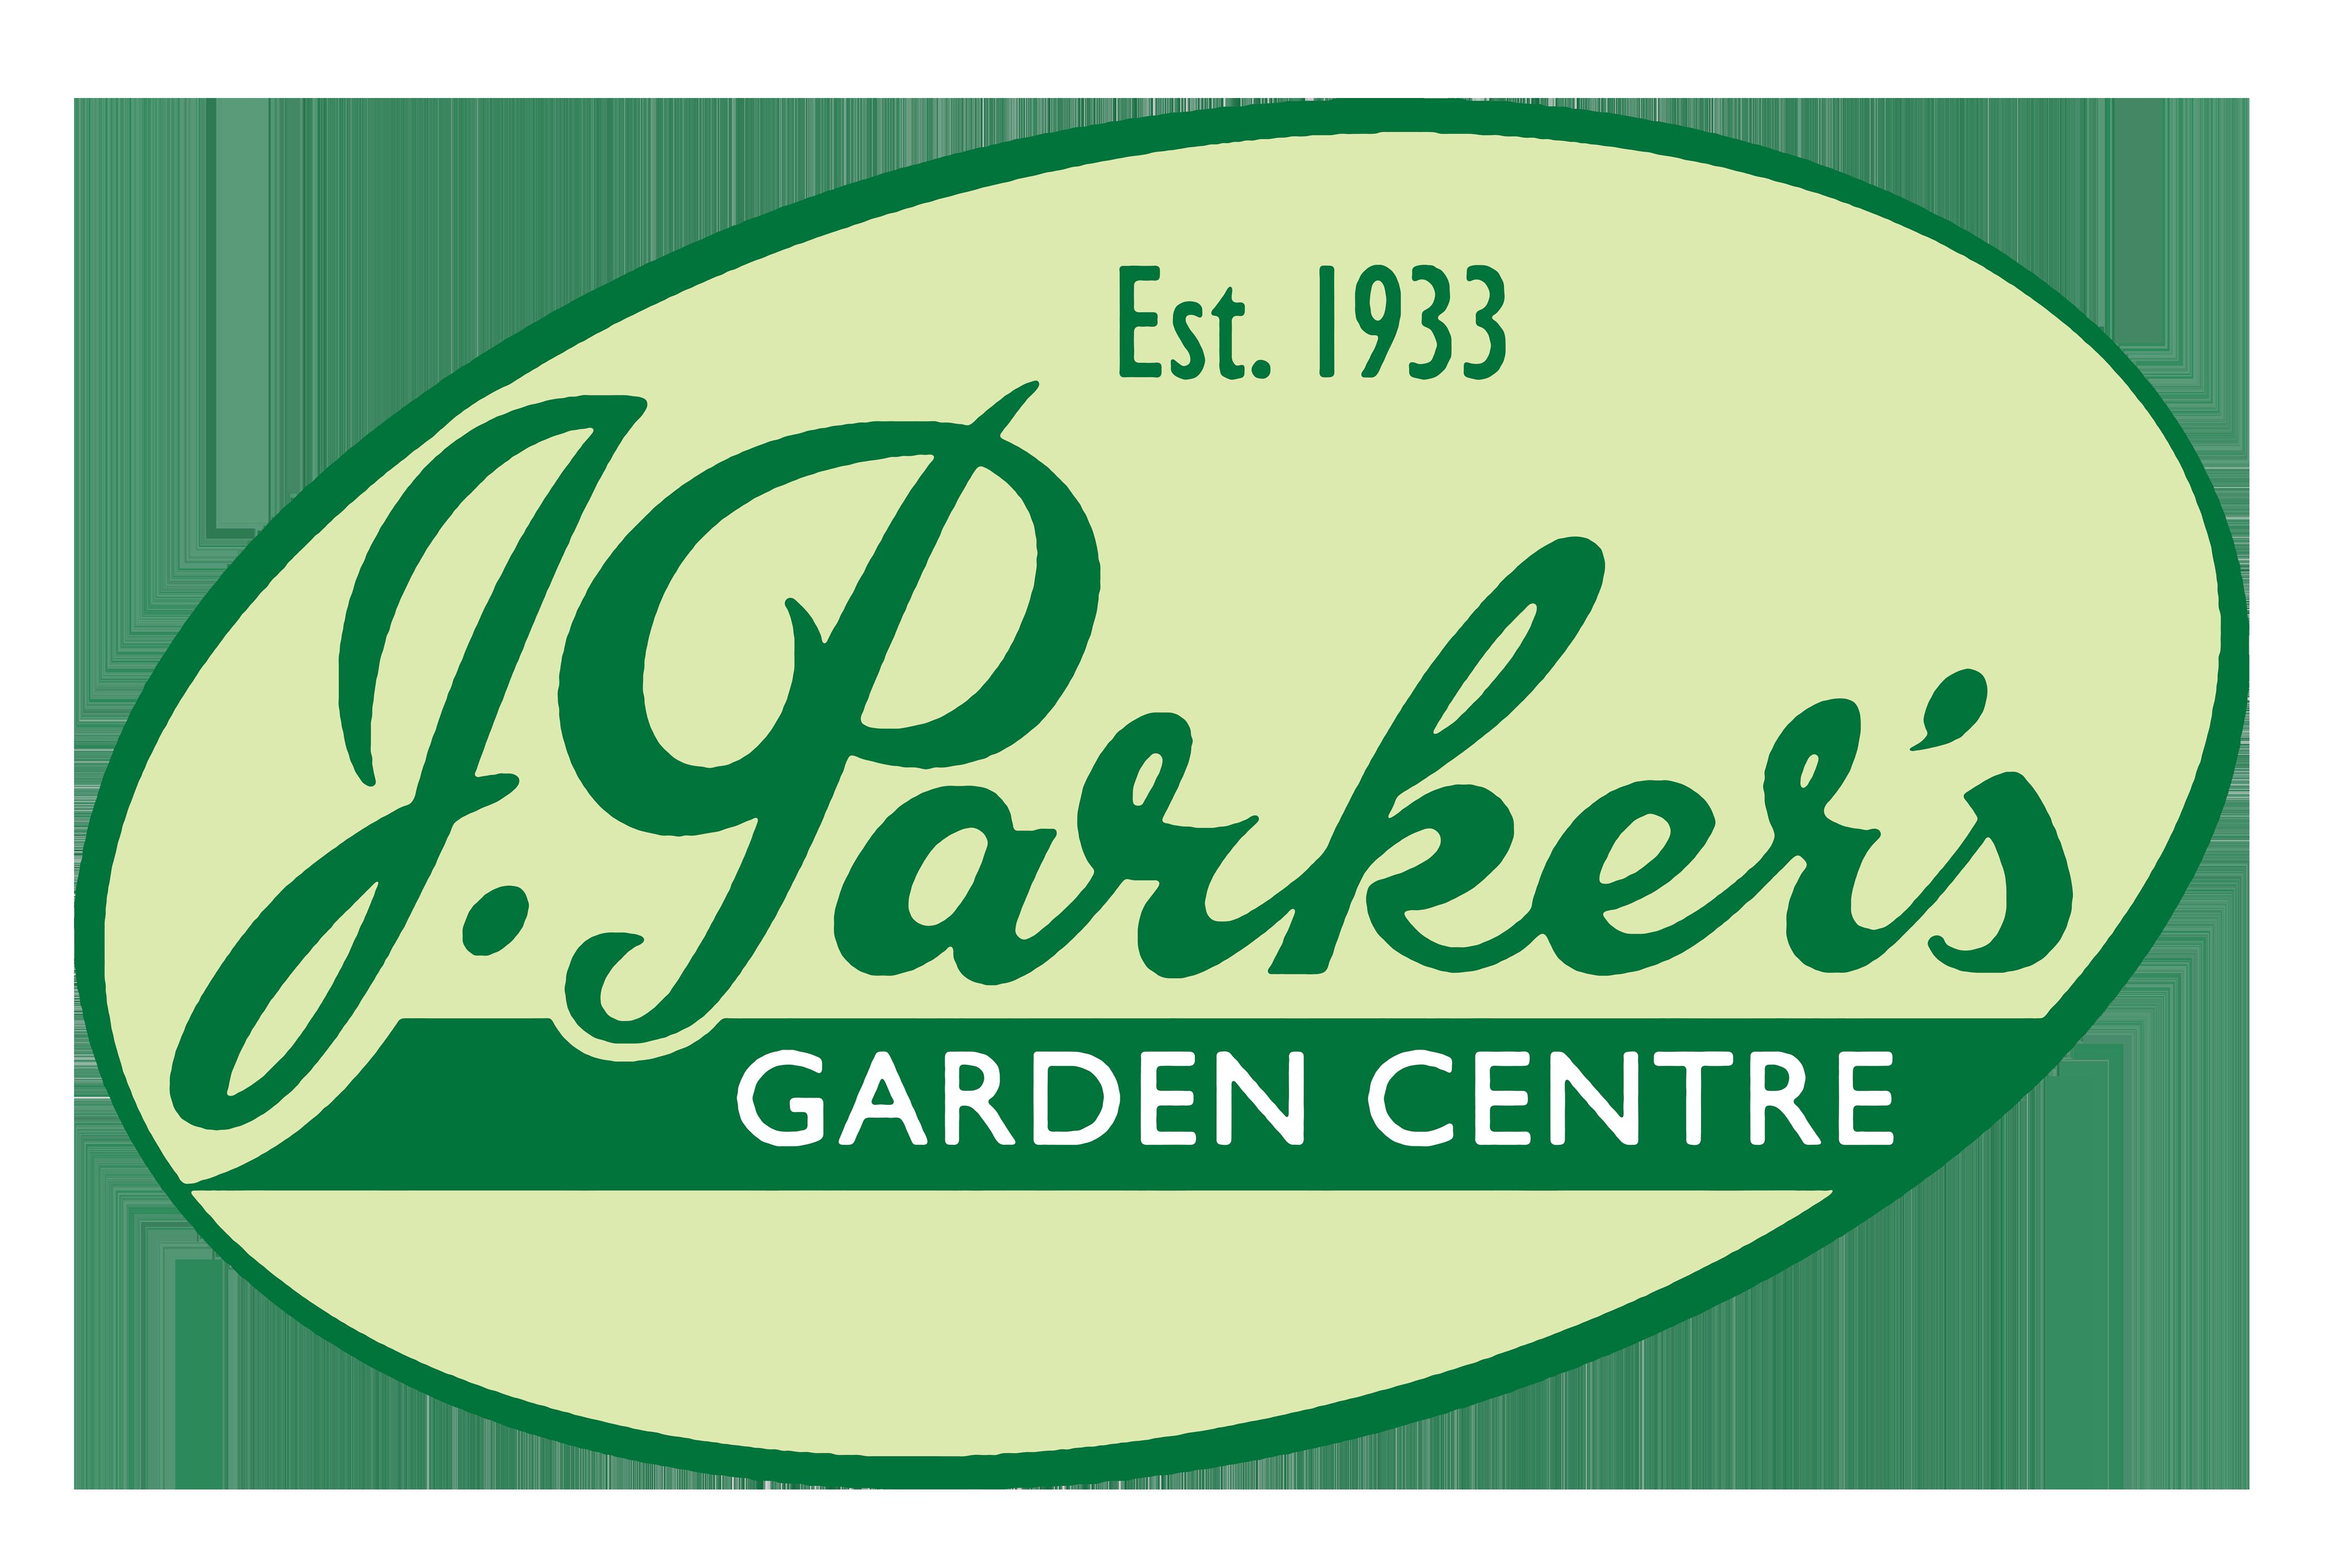 Parker's Garden Centres